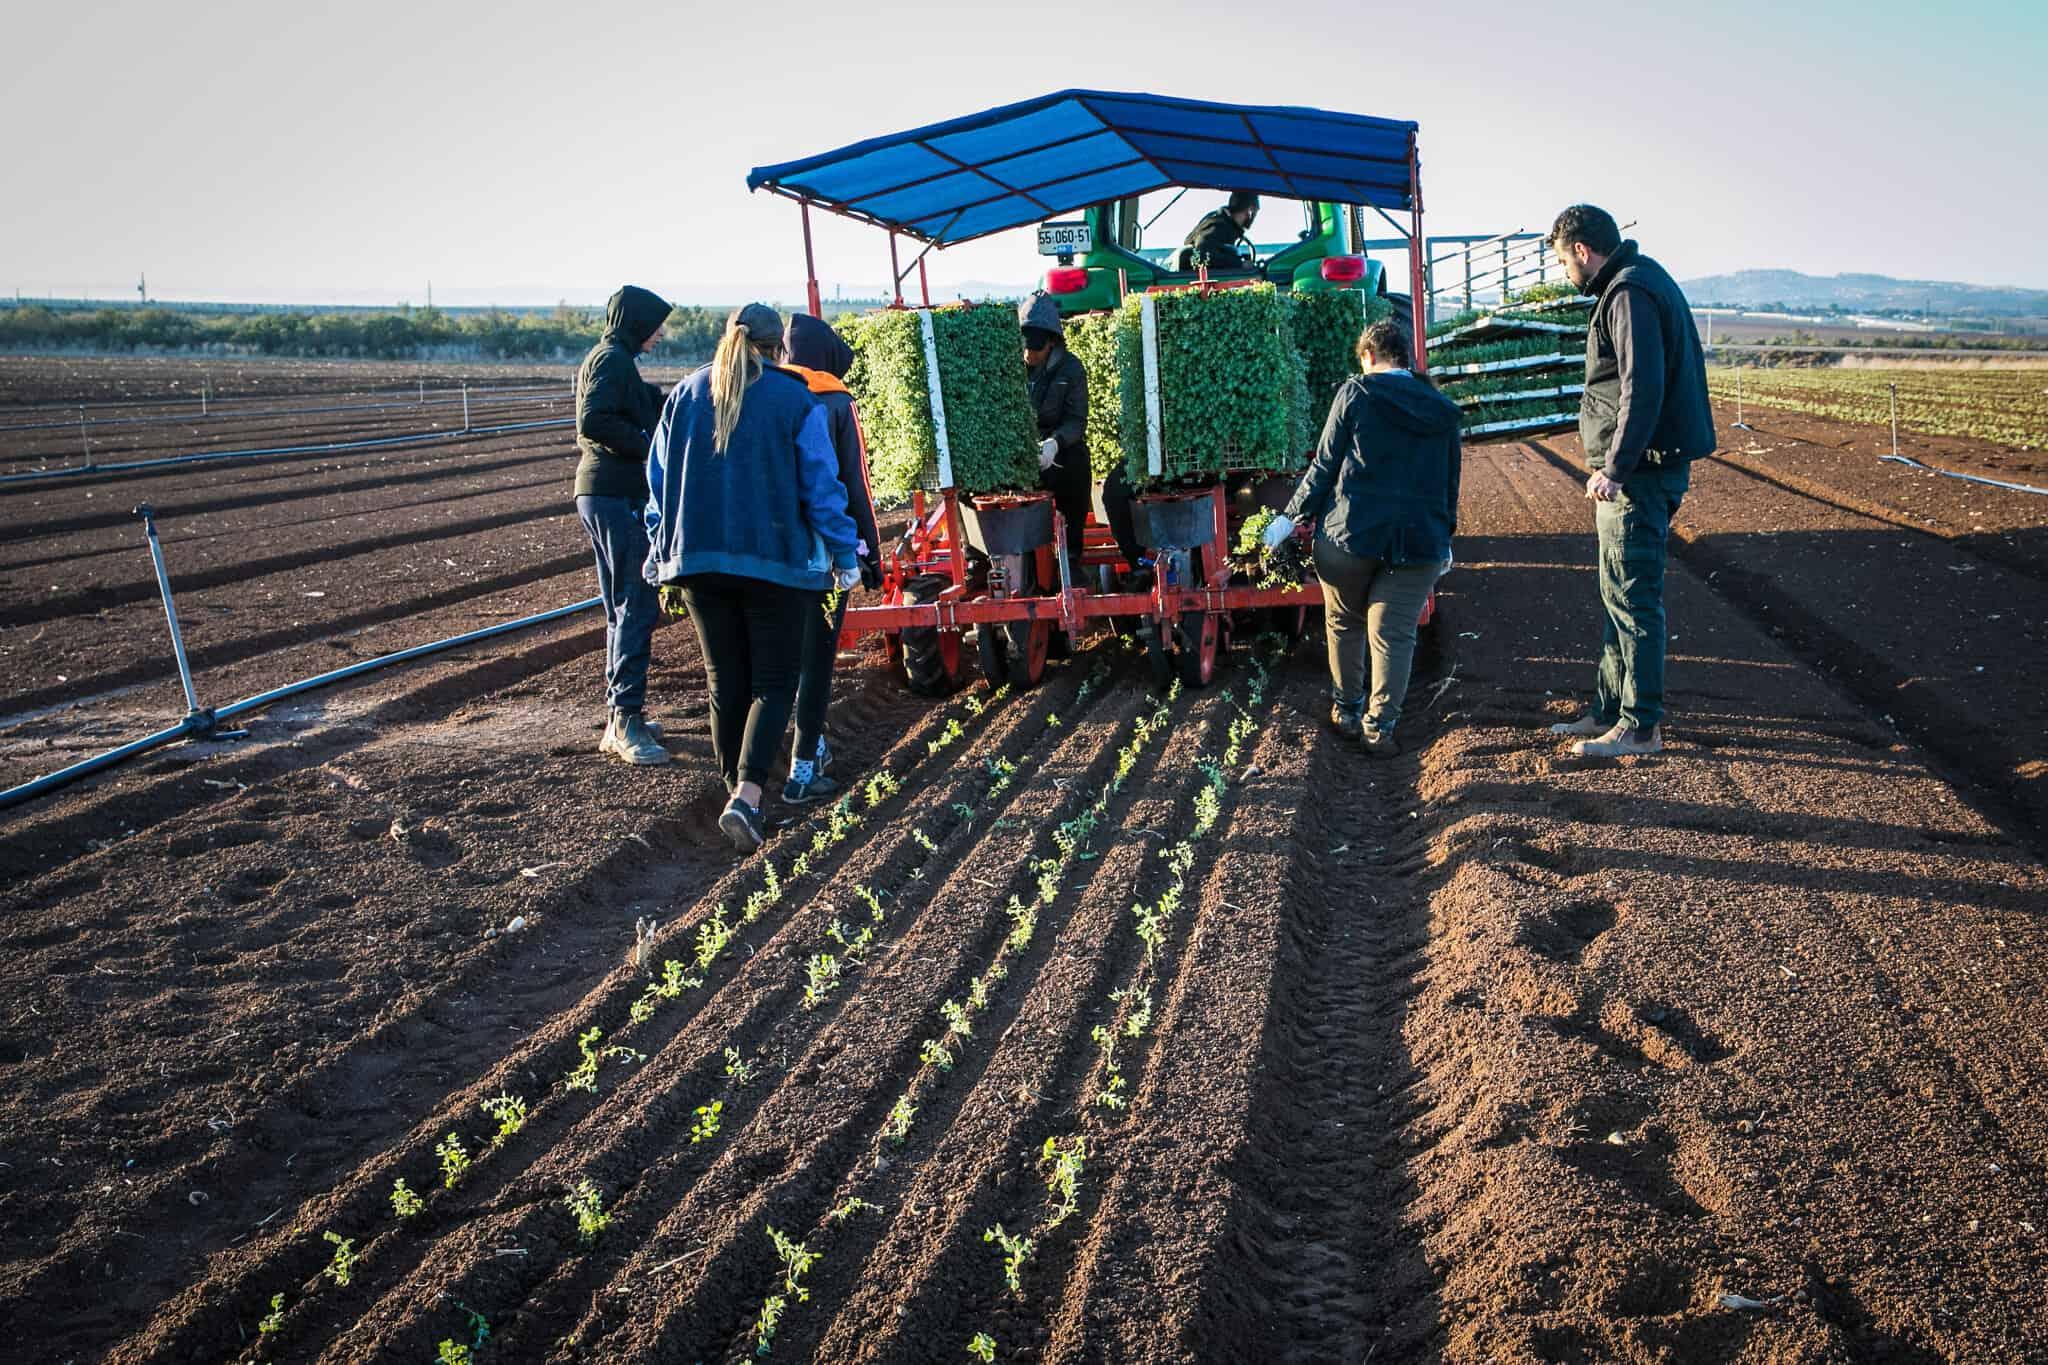 חקלאים ישראלים שותלים צמחי זעתר בשדות בעמק יזרעאל. נובמבר 2019 (צילום: Anat Hermony/Flash90)